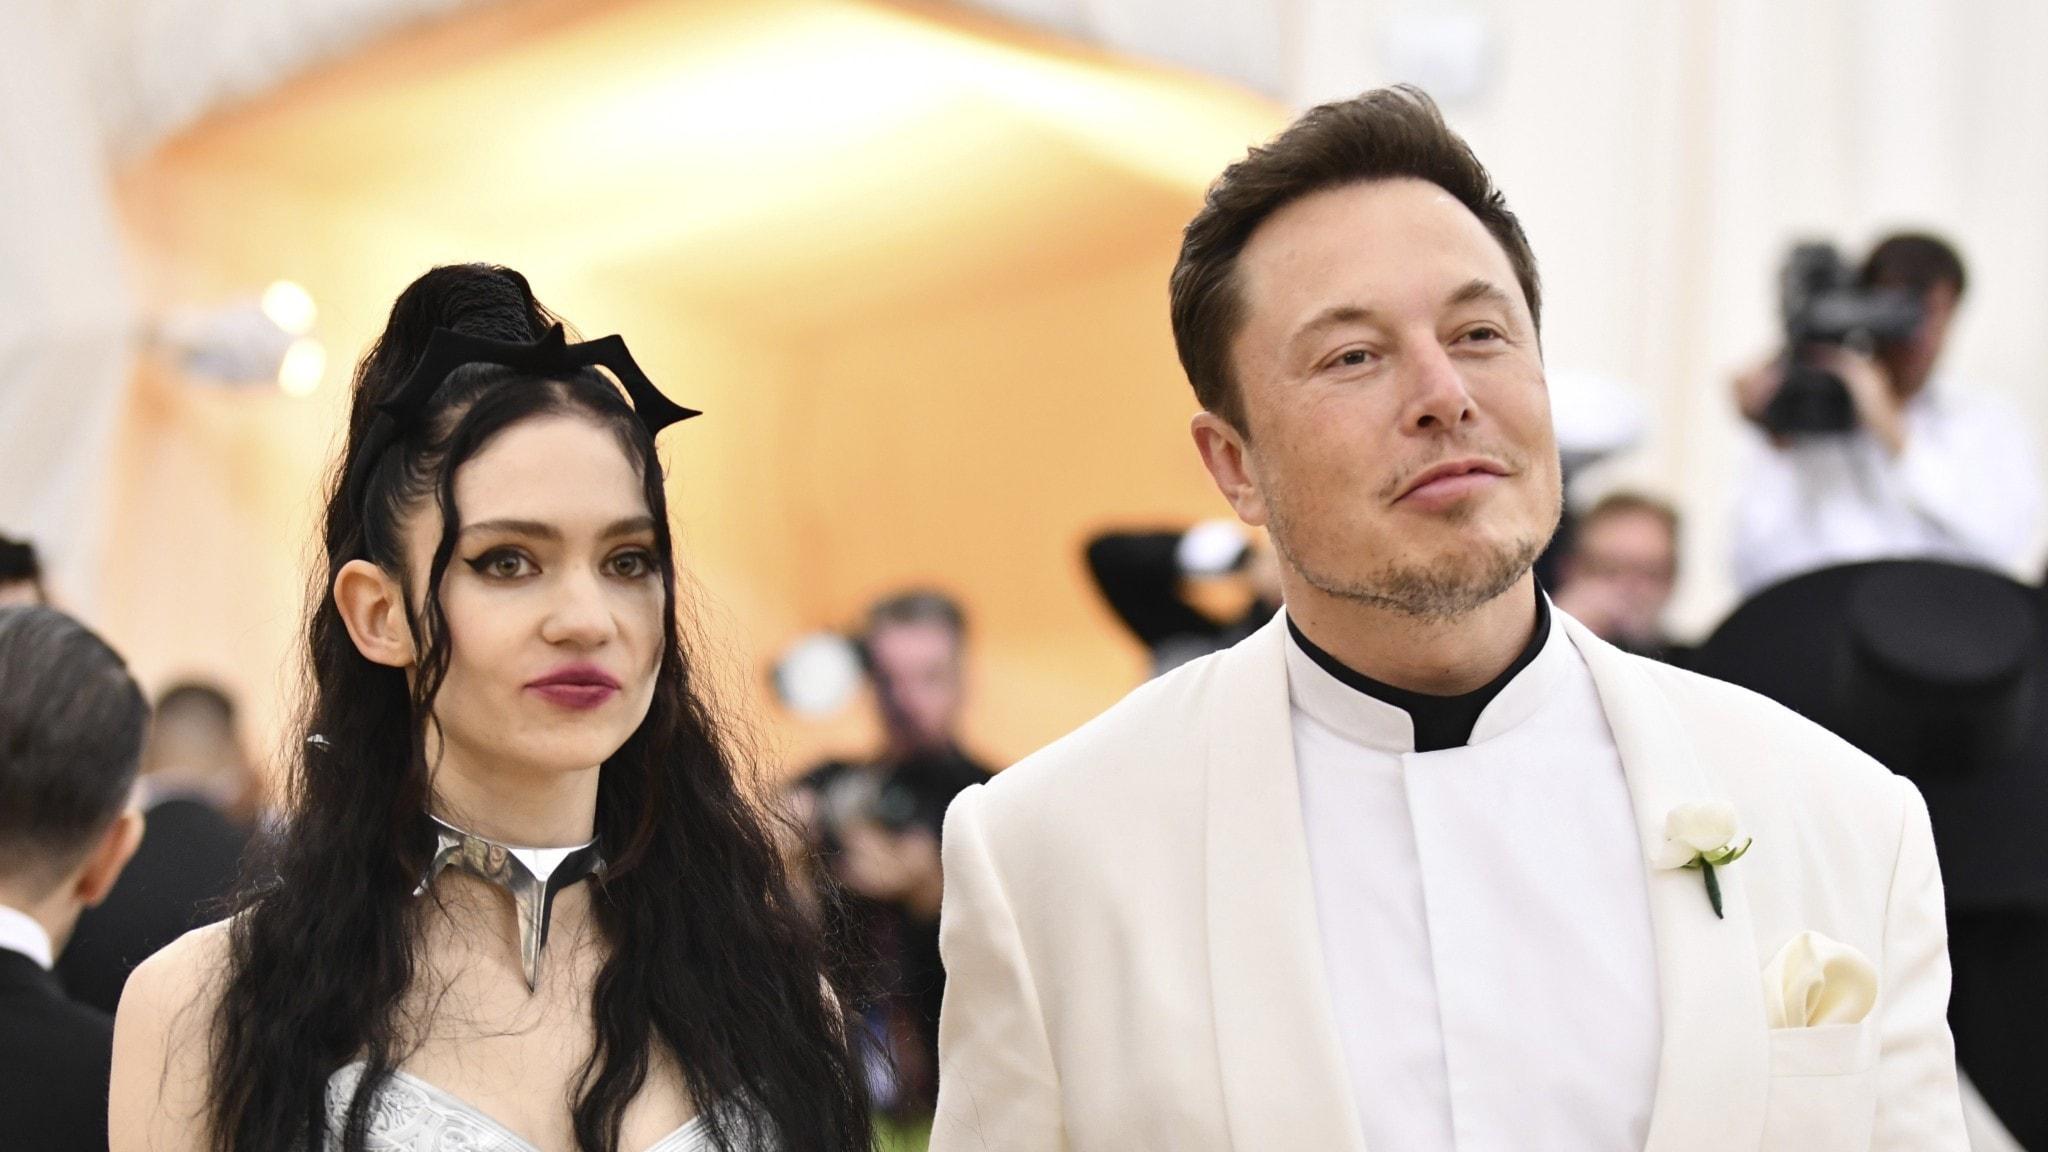 Artisten Grimes, som säljer digital konst, bredvid sin make Elon Musk.